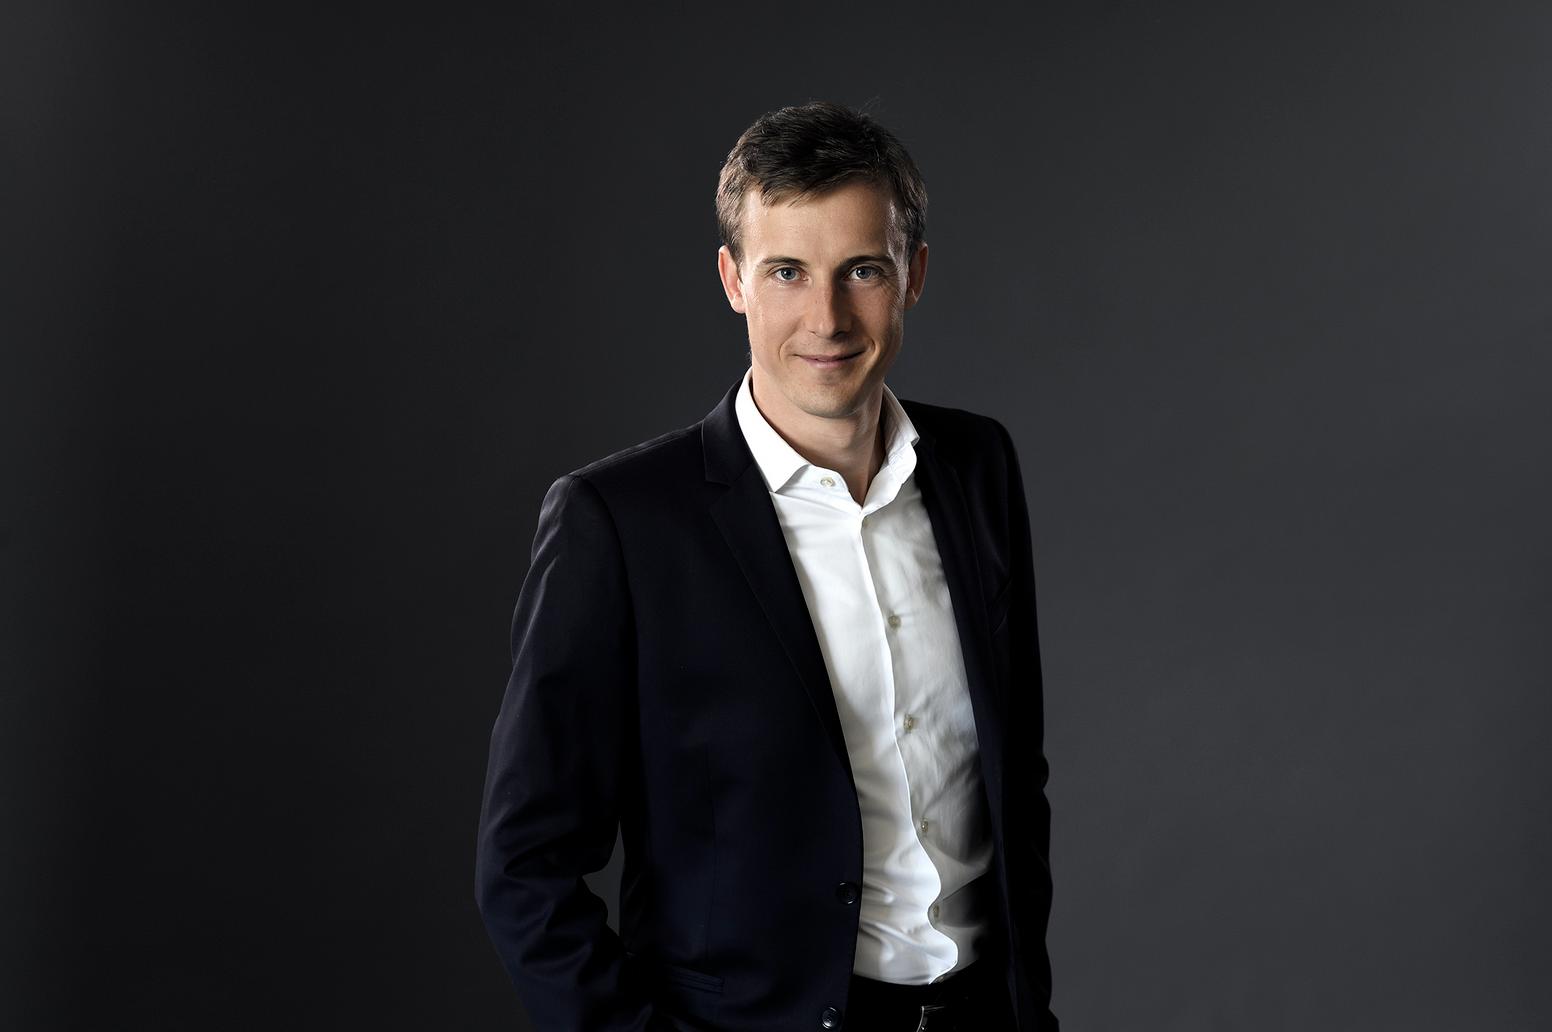 Jean-Baptiste Henriat nommé délégué général du Chœur de Radio France © Christophe Abramowitz